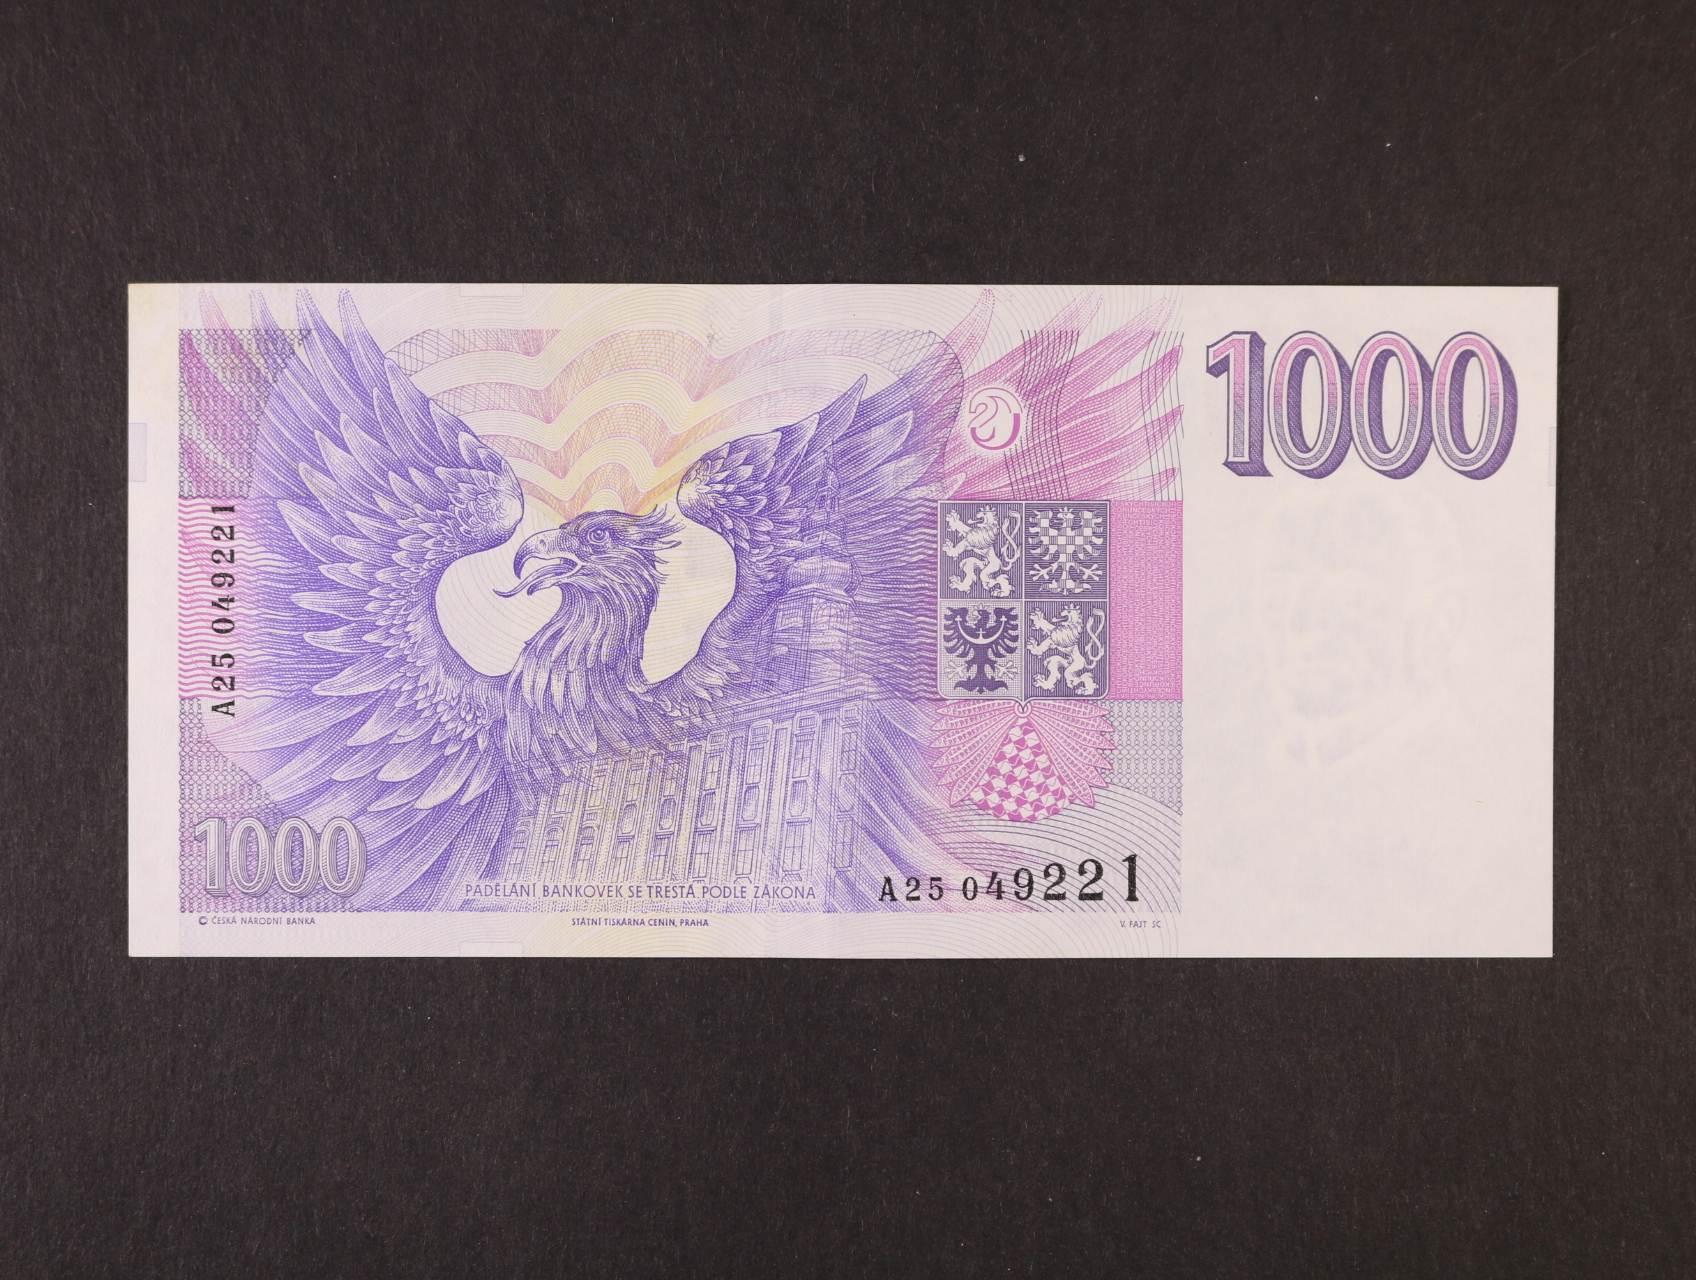 1000 Kč 1993 série A 25, Ba. CZ 8, Pi. 8a